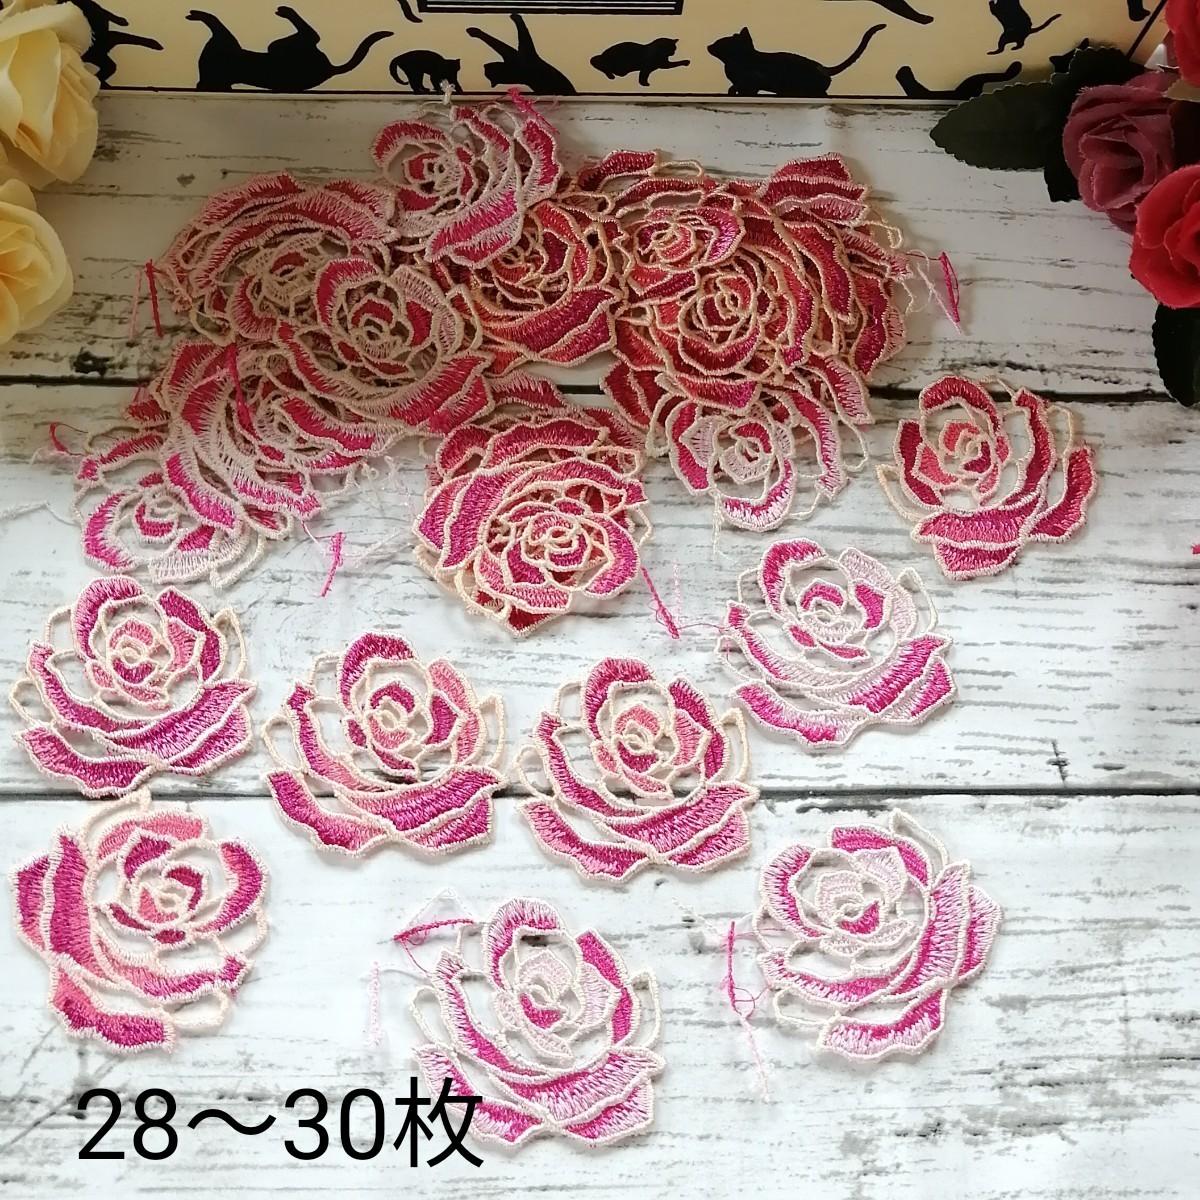 ハンドメイド ワッペン   刺繍 綺麗なワッベン 手作り 花モチーフ バラ R1